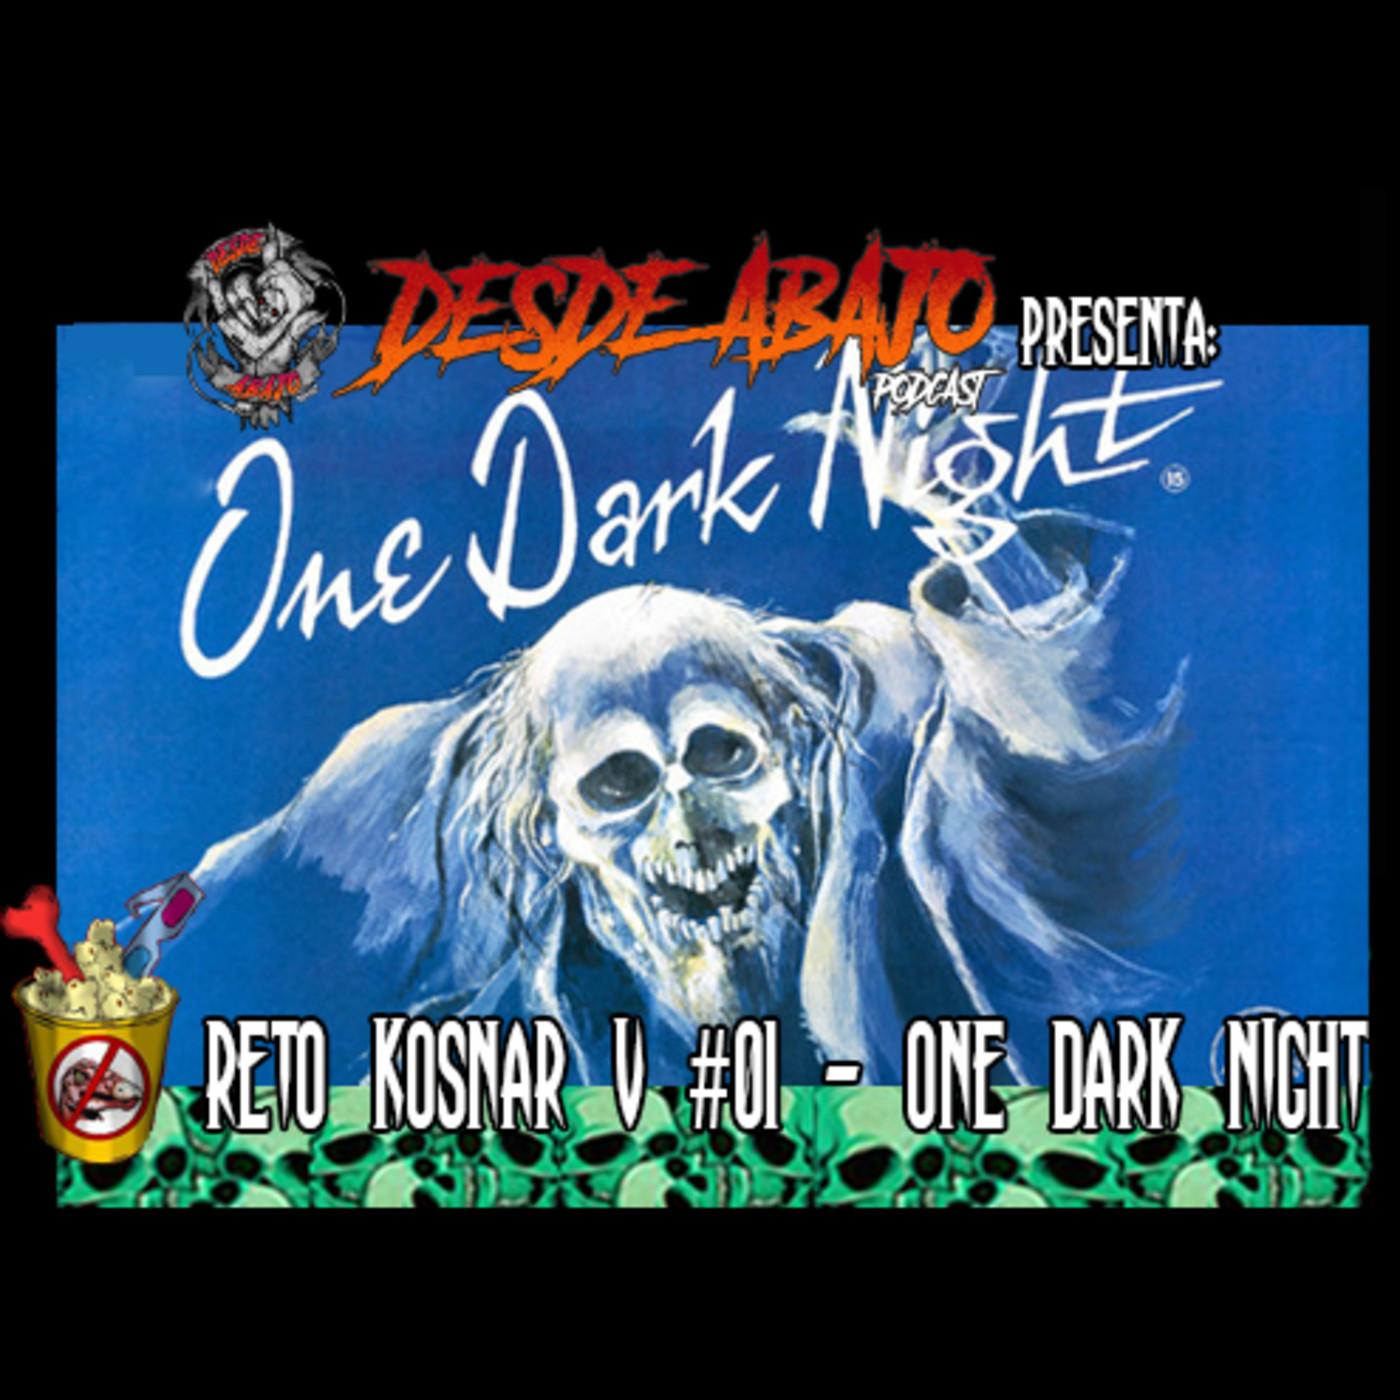 Reto Kosnar V #01- One Dark Night